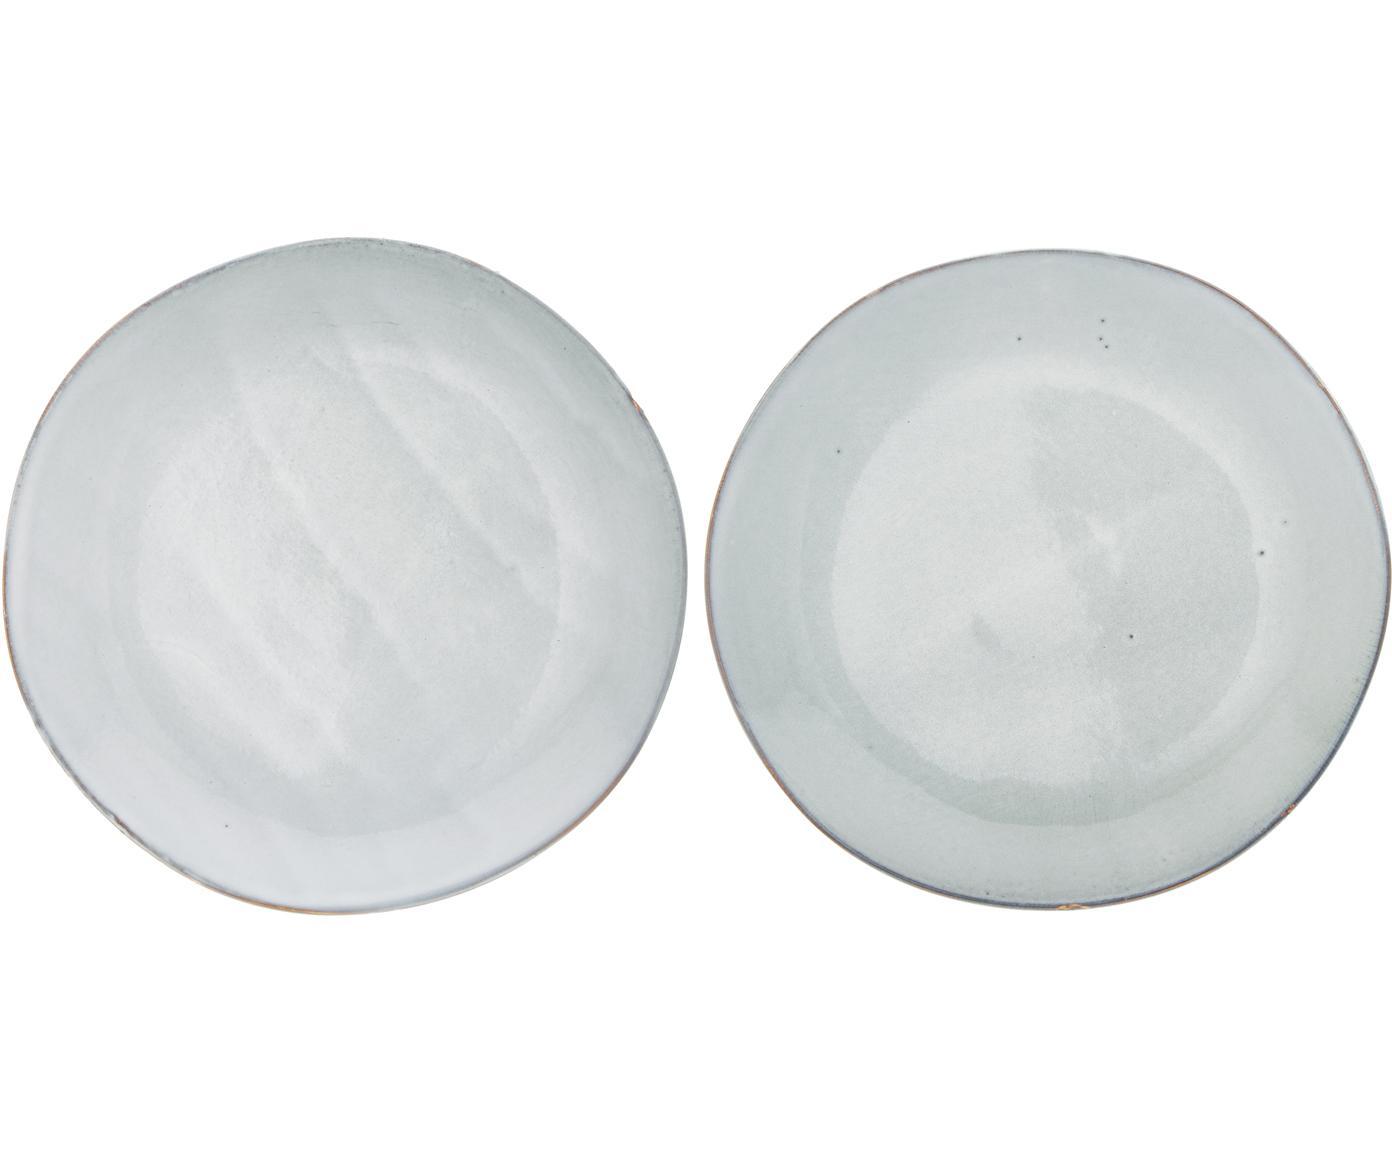 Ręcznie wykonany talerz śniadaniowy Thalia, 2 szt., Ceramika, Szary z ciemną krawędzią, Ø 22 cm